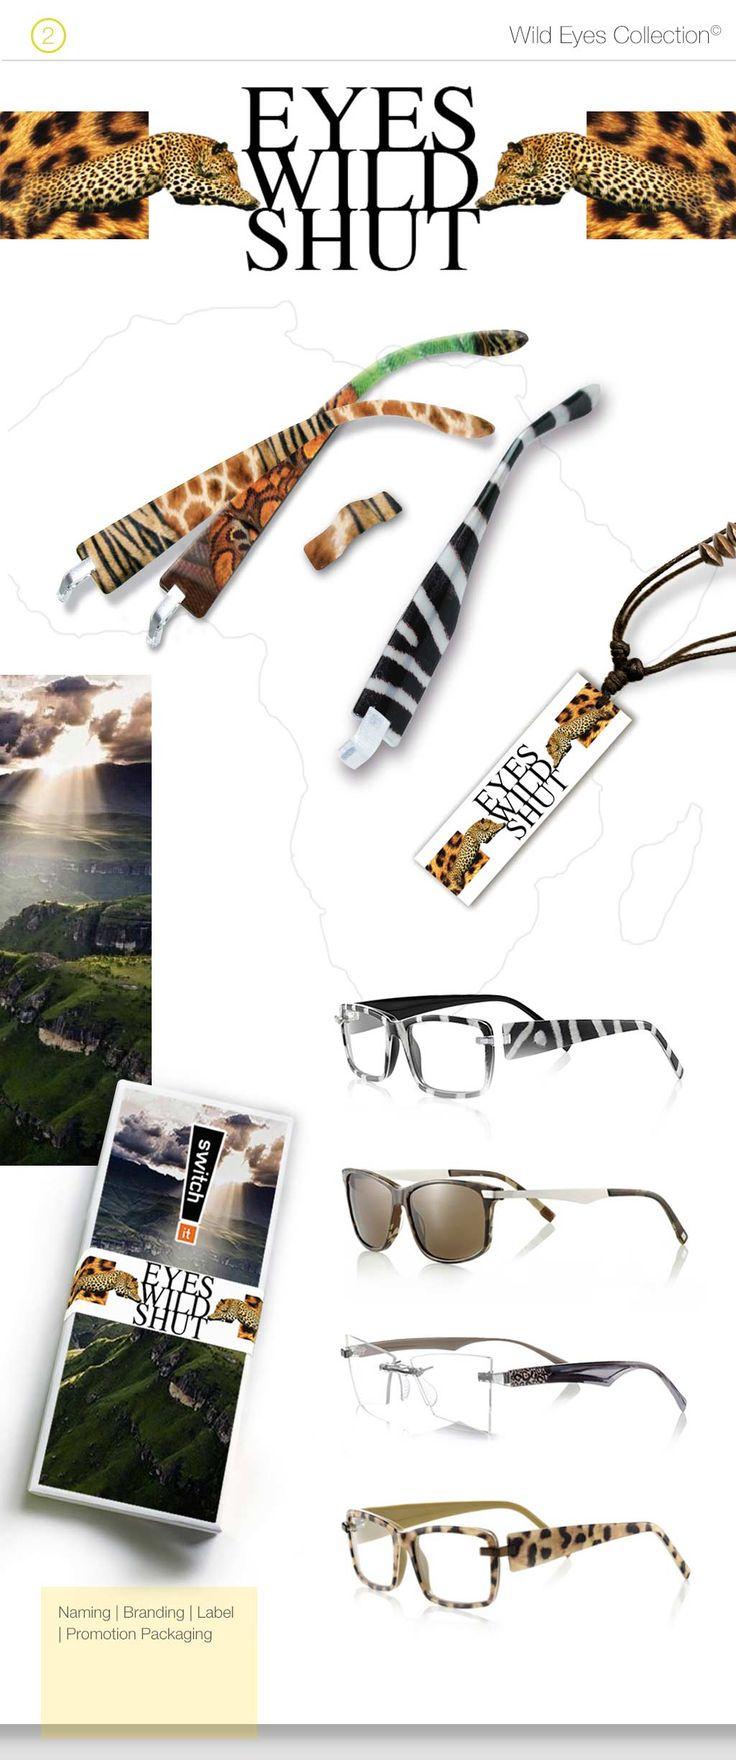 Augen auf beim Brillenkauf. Der Optikermarkt stagniert. Das Businessmodell veraltet. Die Lösung: Eine modifizierbare Brille unter der Marke SWITCH IT. #Augen #Brillen #Design #smile #style #creative #brands #business #concepts #product #promotion